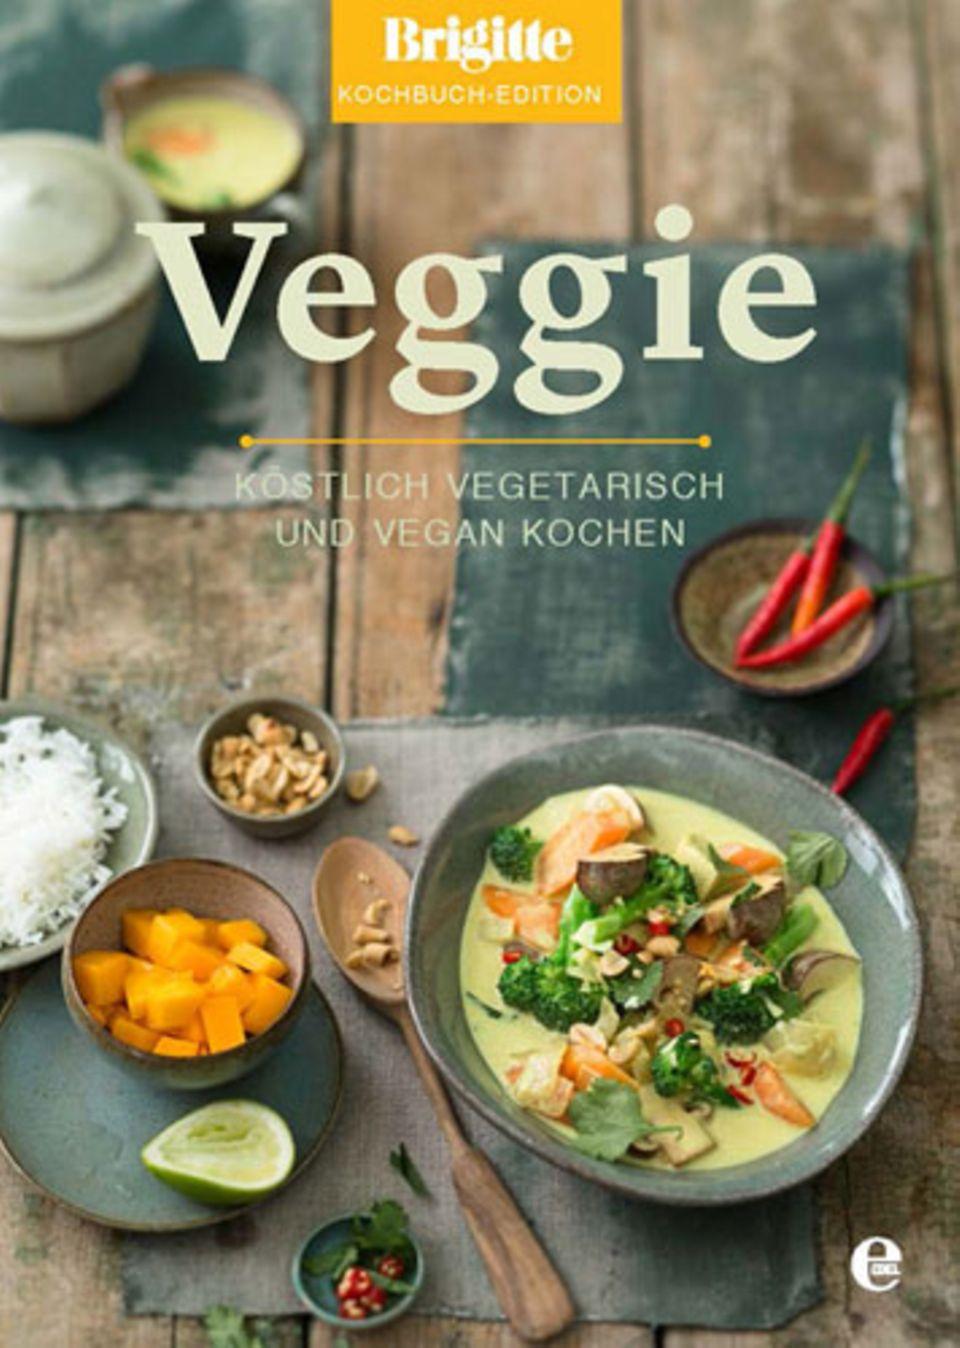 """65 köstliche vegetarische Rezepte finden Sie im """"Veggie""""-Band der neuen BRIGITTE-Kochbuch-Edition. Die Kochbuch-Edition umfasst acht Bände und präsentiert die beliebtesten Rezepte aus BRIGITTE zu den Themen """"Veggie"""", """"Landküche"""", """"Festlich"""", """"Backofen"""", """"Balance"""", """"30 Minuten"""", """"Backen"""" und """"Pasta"""".    Die komplette BRIGITTE Kochbuch-Edition ist bereits ab 1. September 2014 exklusiv bei BRIGITTE.de bestellbar - versandkostenfrei und für nur und für nur 99,95 Euro. Sie sparen fast 20 Euro im Vergleich zum Einzelkauf. BRIGITTE-Abonnenten zahlen nur 89,95 Euro und sparen fast 30 Euro im Vergleich zum Einzelkauf. Im Buchhandel sind die Kochbücher erst zu einem späteren Zeitpunkt erhältlich - """"Veggie"""" ab 8. Oktober 2014.    Mehr Infos zum Kochbuch """"Veggie""""    BRIGITTE Kochbuch-Edition zum Vorzugspreis bestellen"""